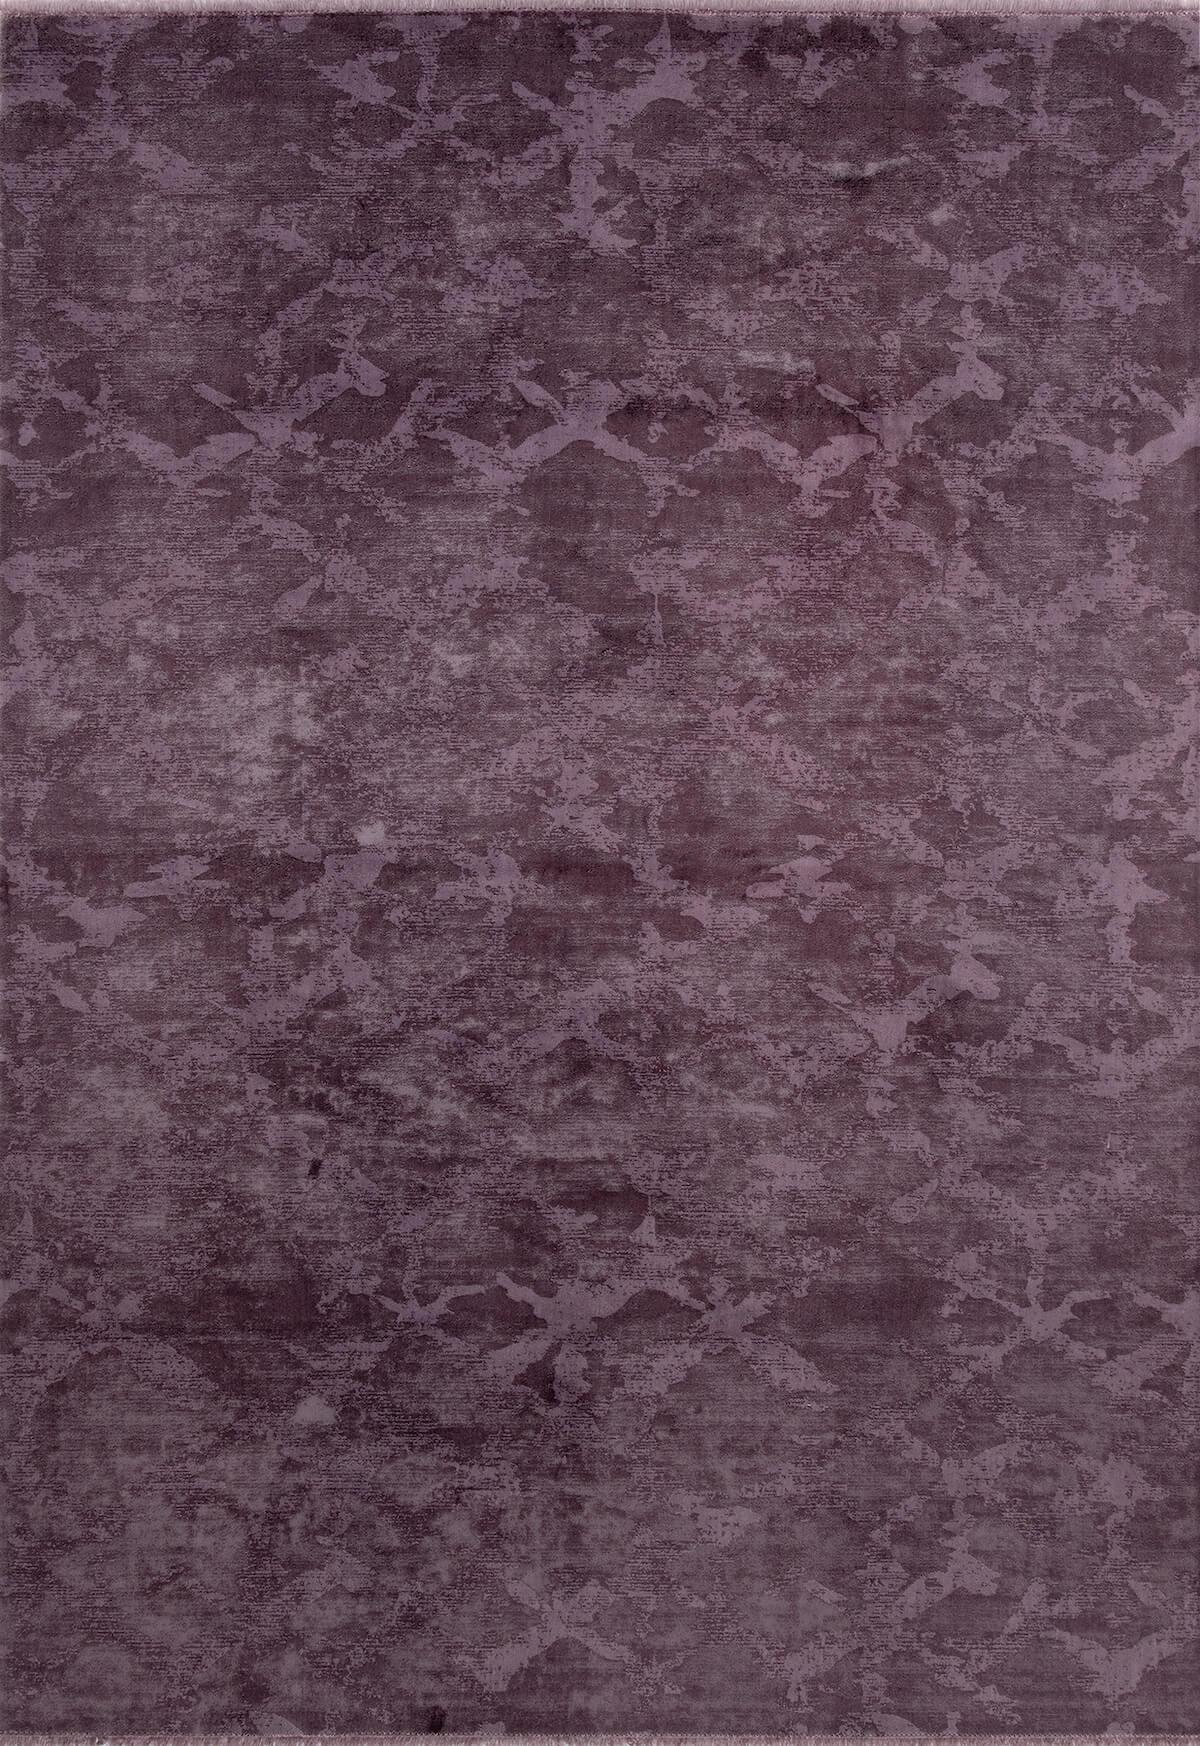 KADİFE KİLİM 5303 MOR Kadife Kilim Dekoratif Kilim